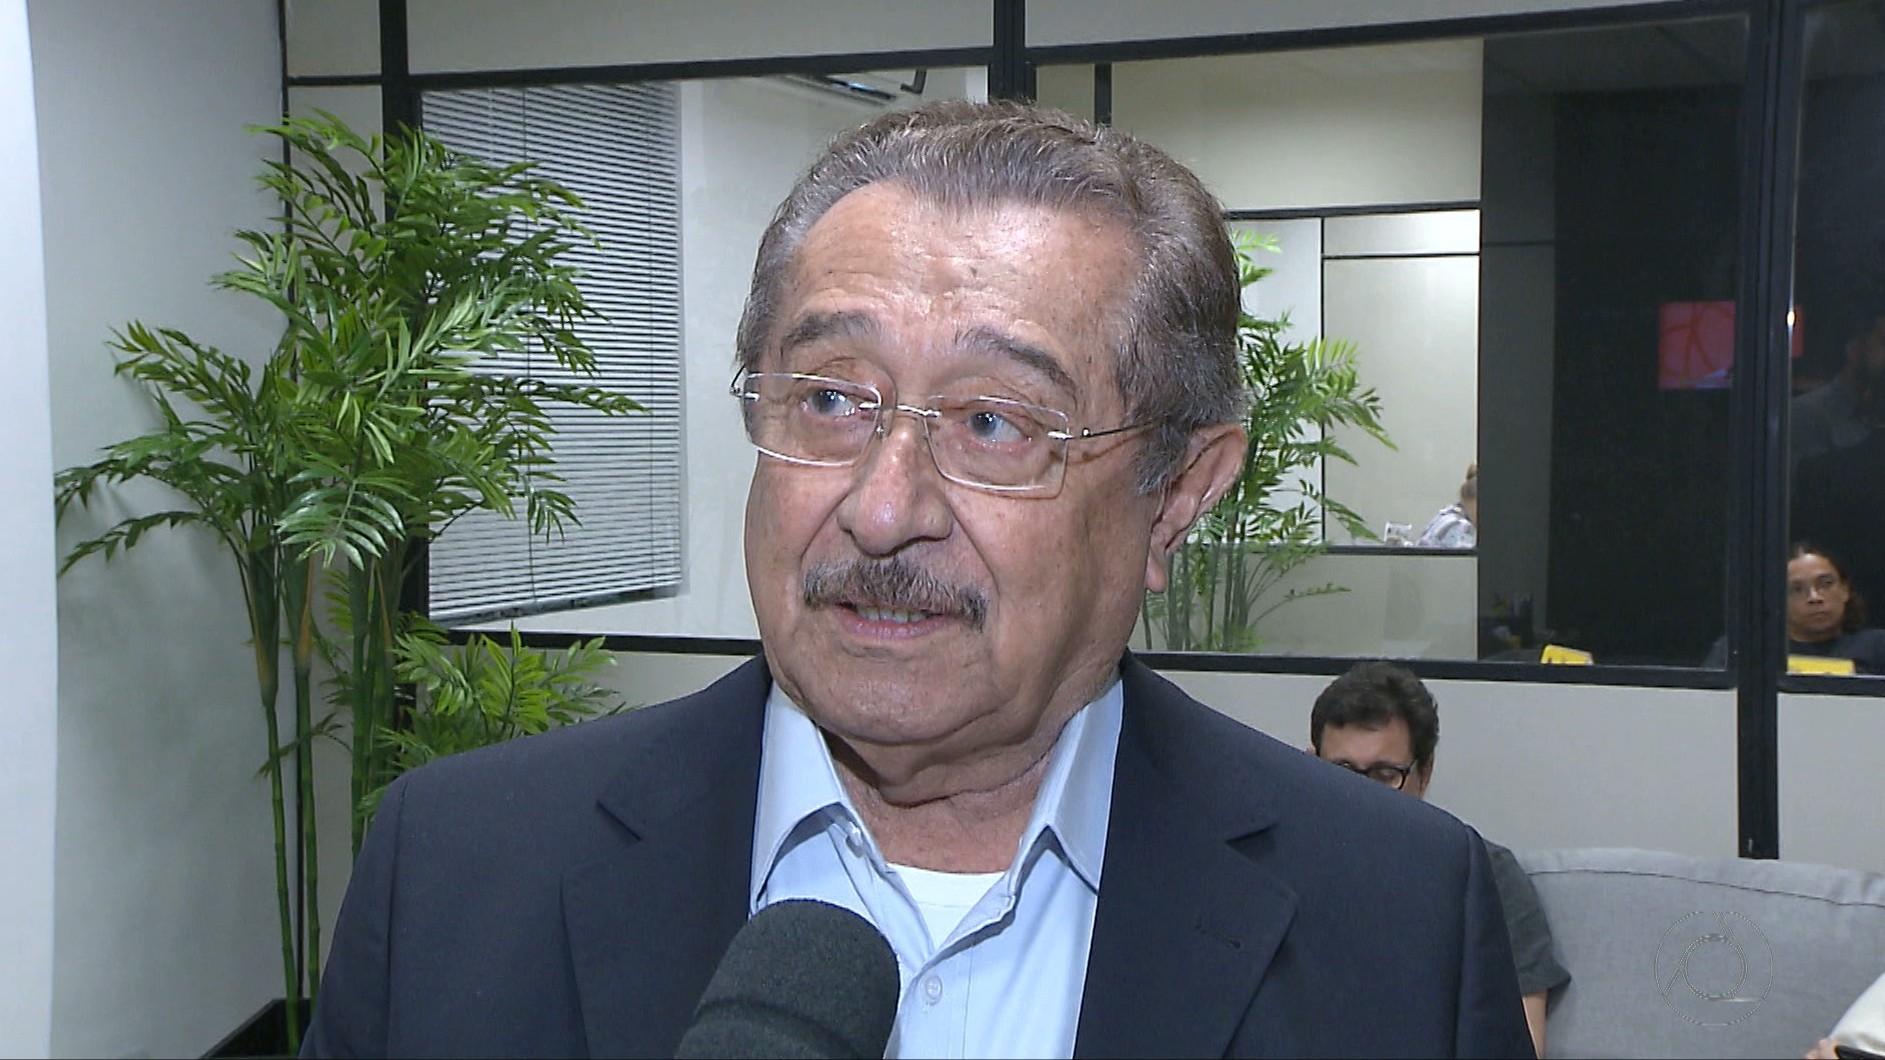 Senador José Maranhão tem piora no quadro clínico provocado pela Covid-19 e é transferido para UTI